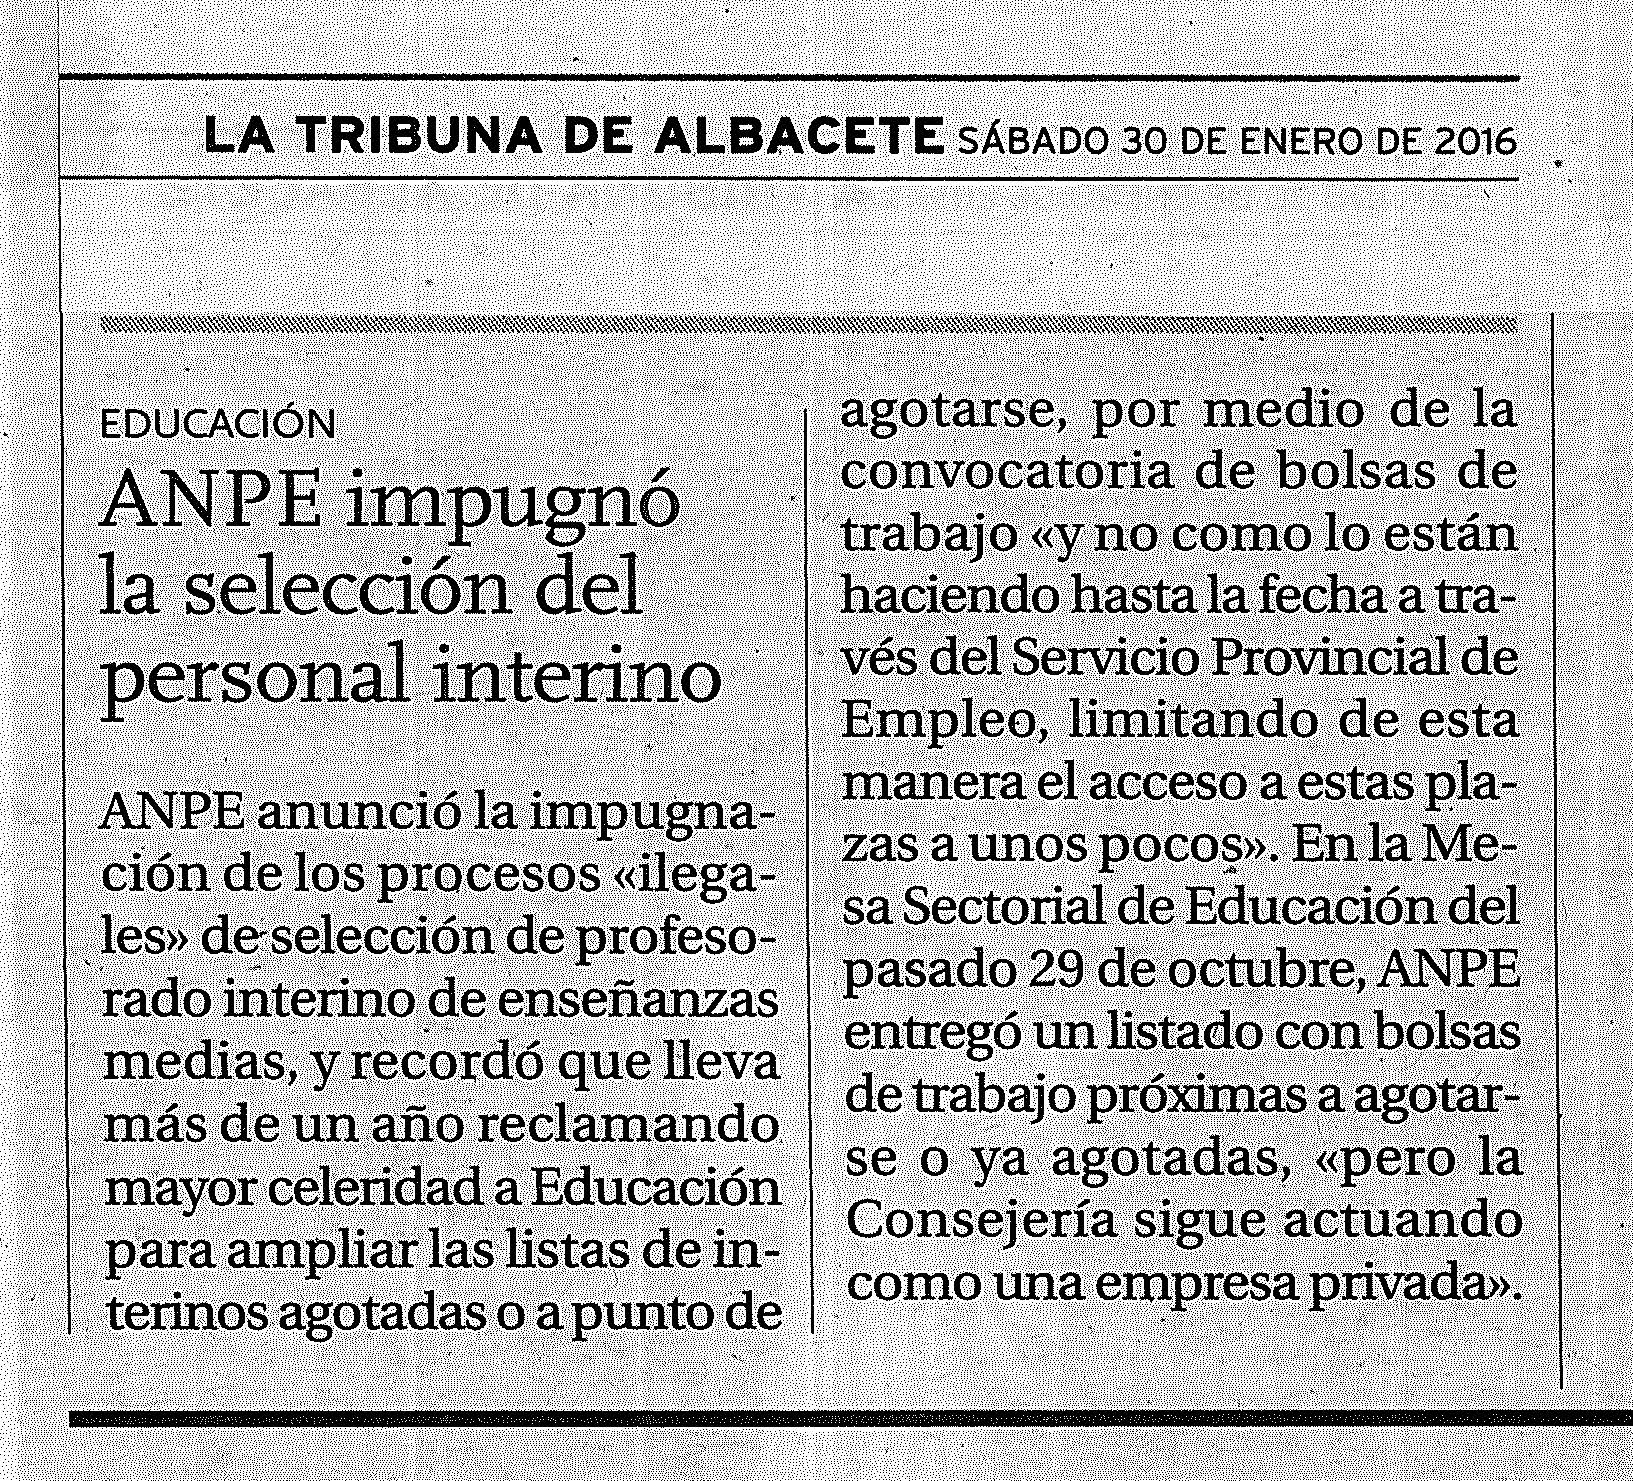 30-01-2016 ANPE Impugna las Listas